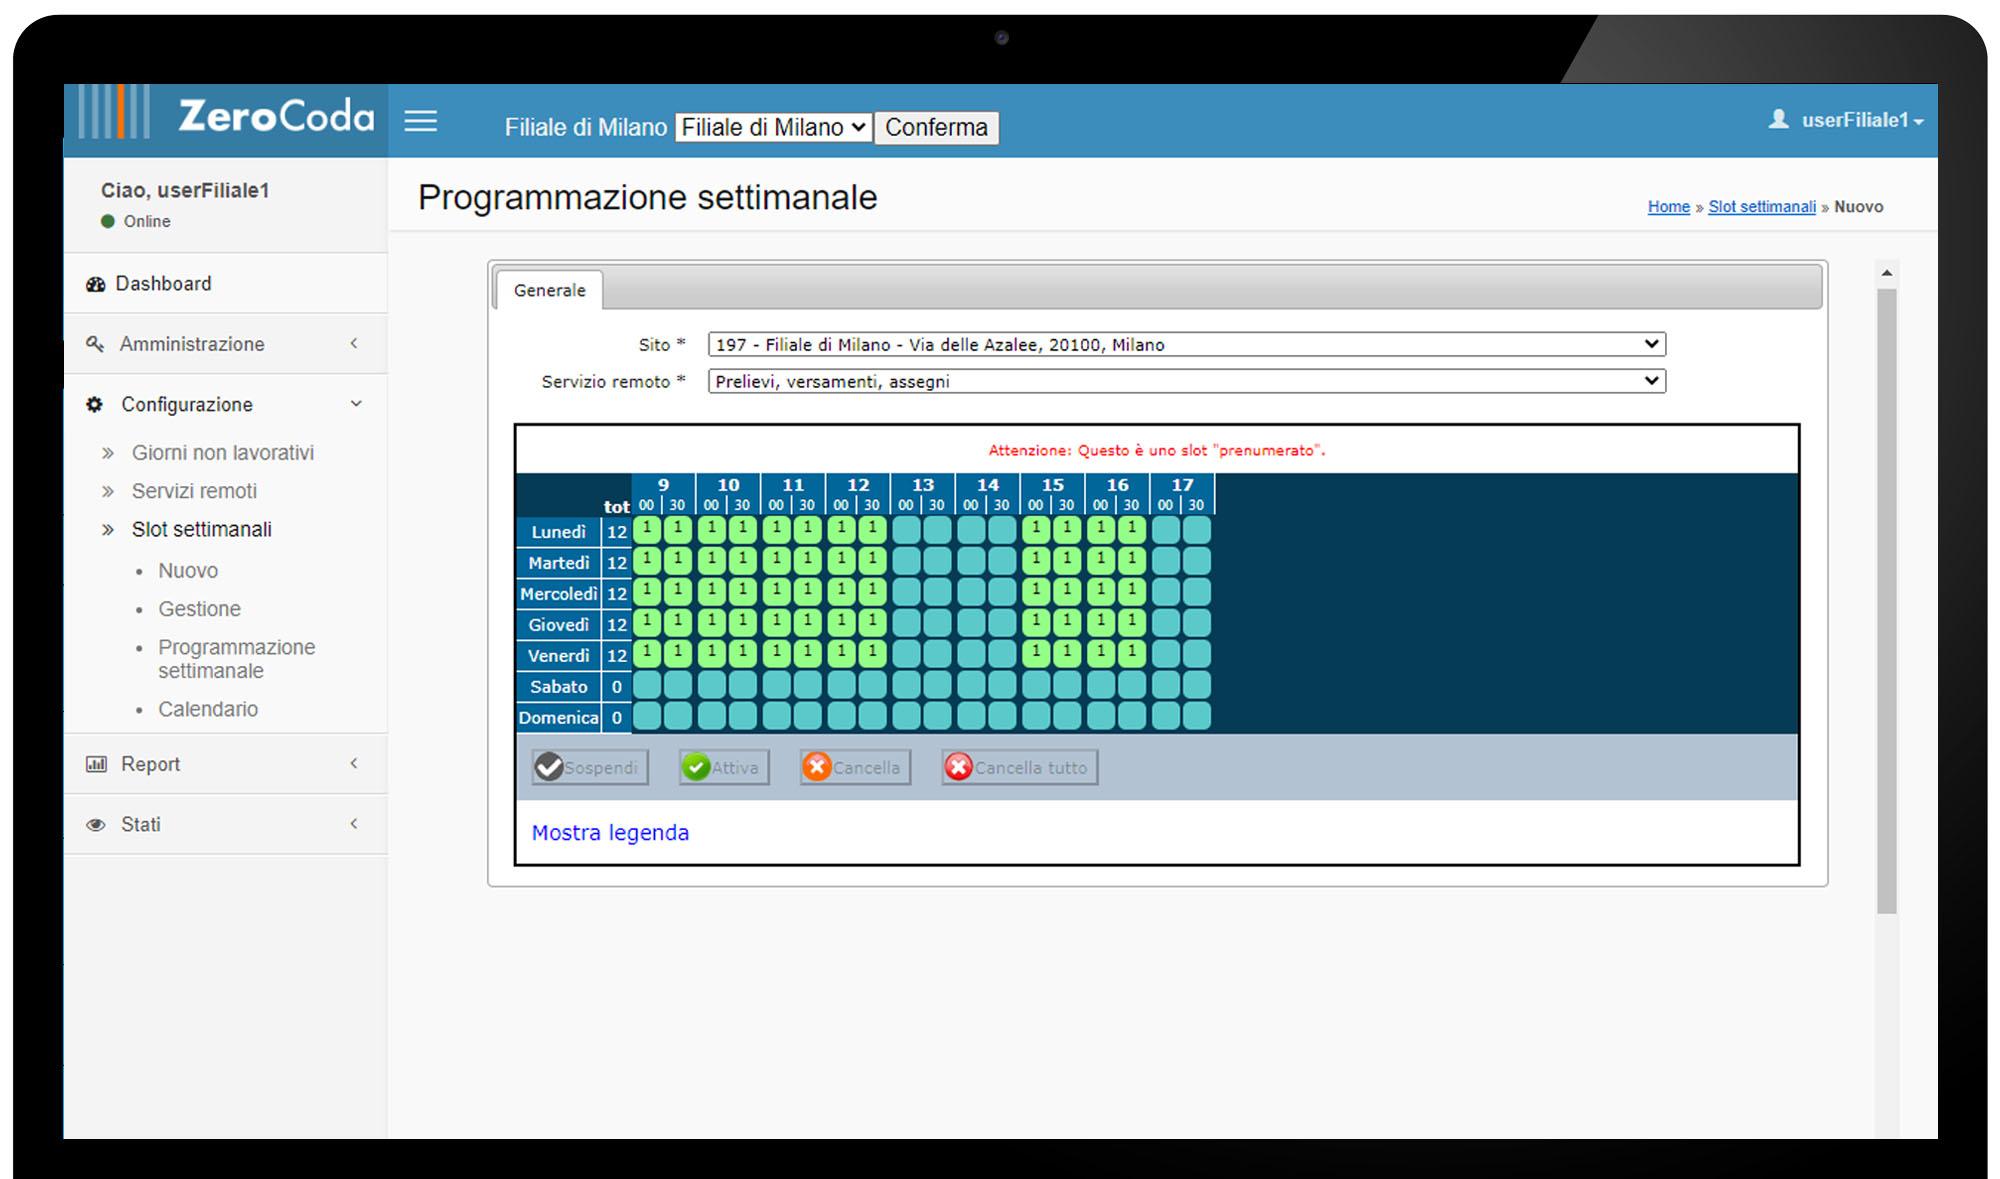 Console di Amministrazione - Programma Settimanale